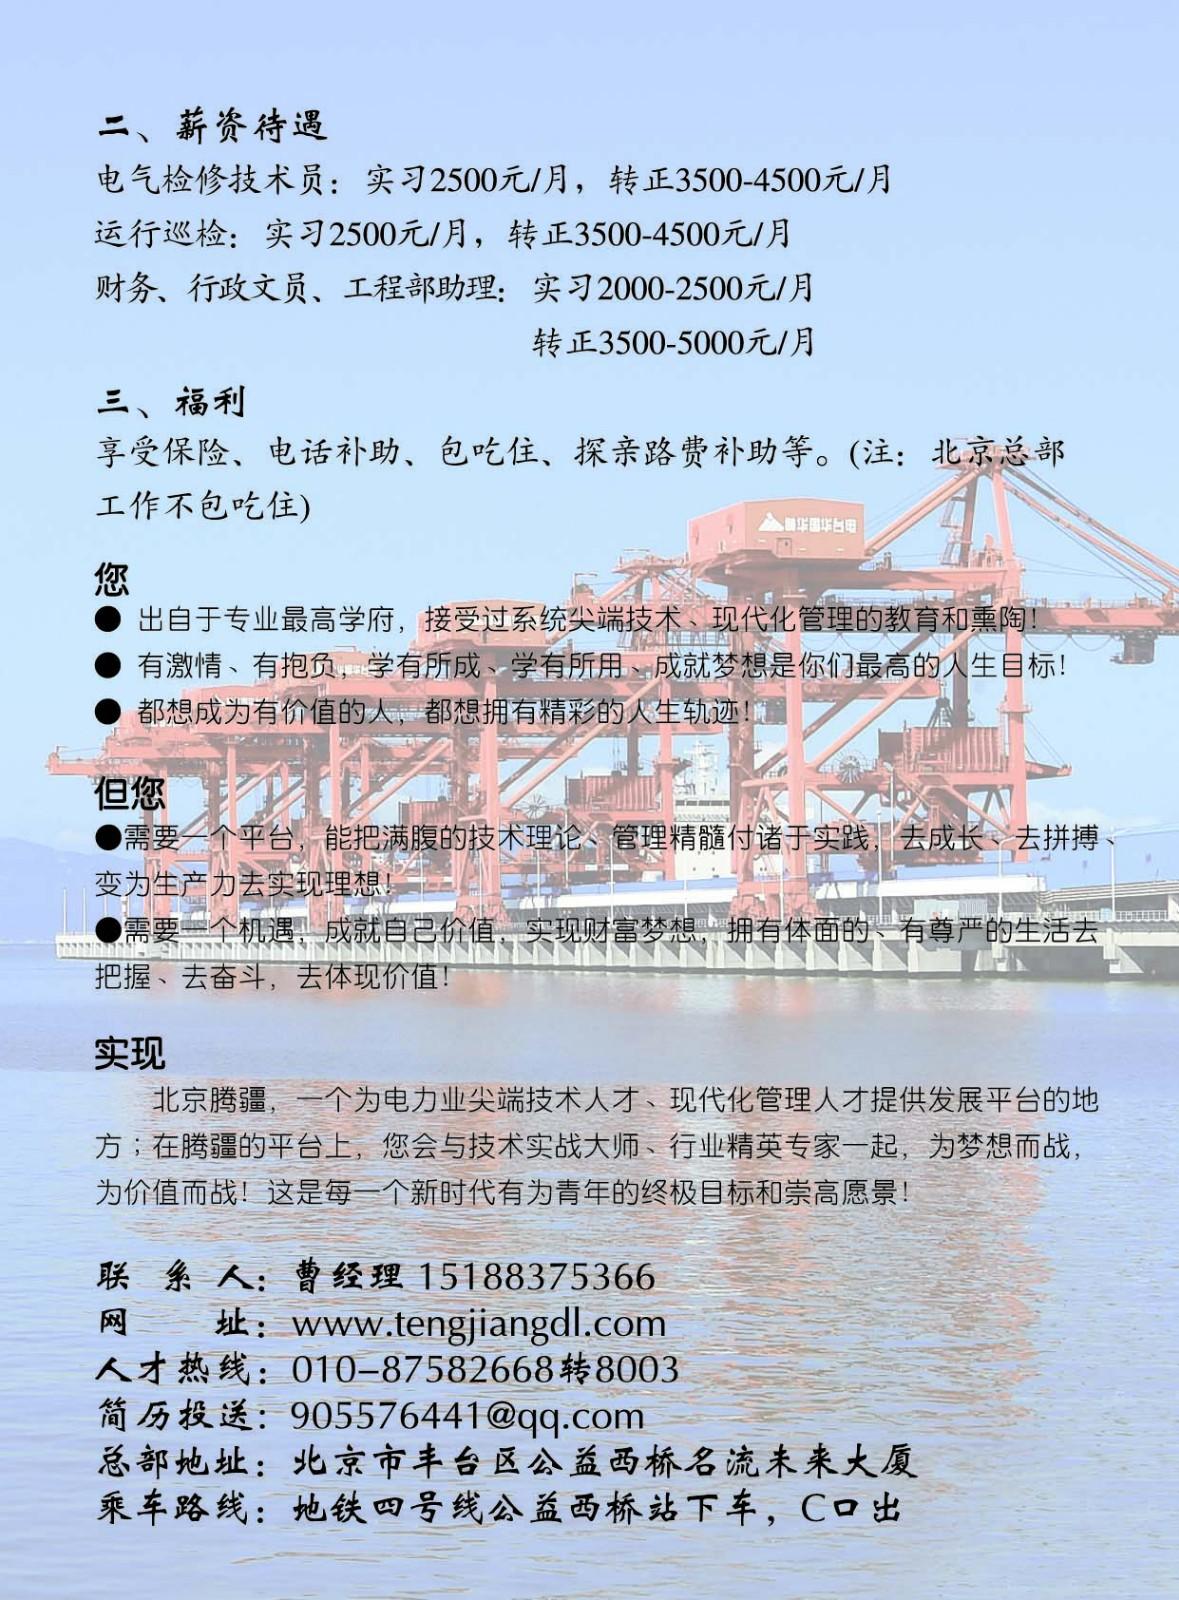 2017年校園招聘招生簡章|人力資源-北京騰疆電力工程有限公司